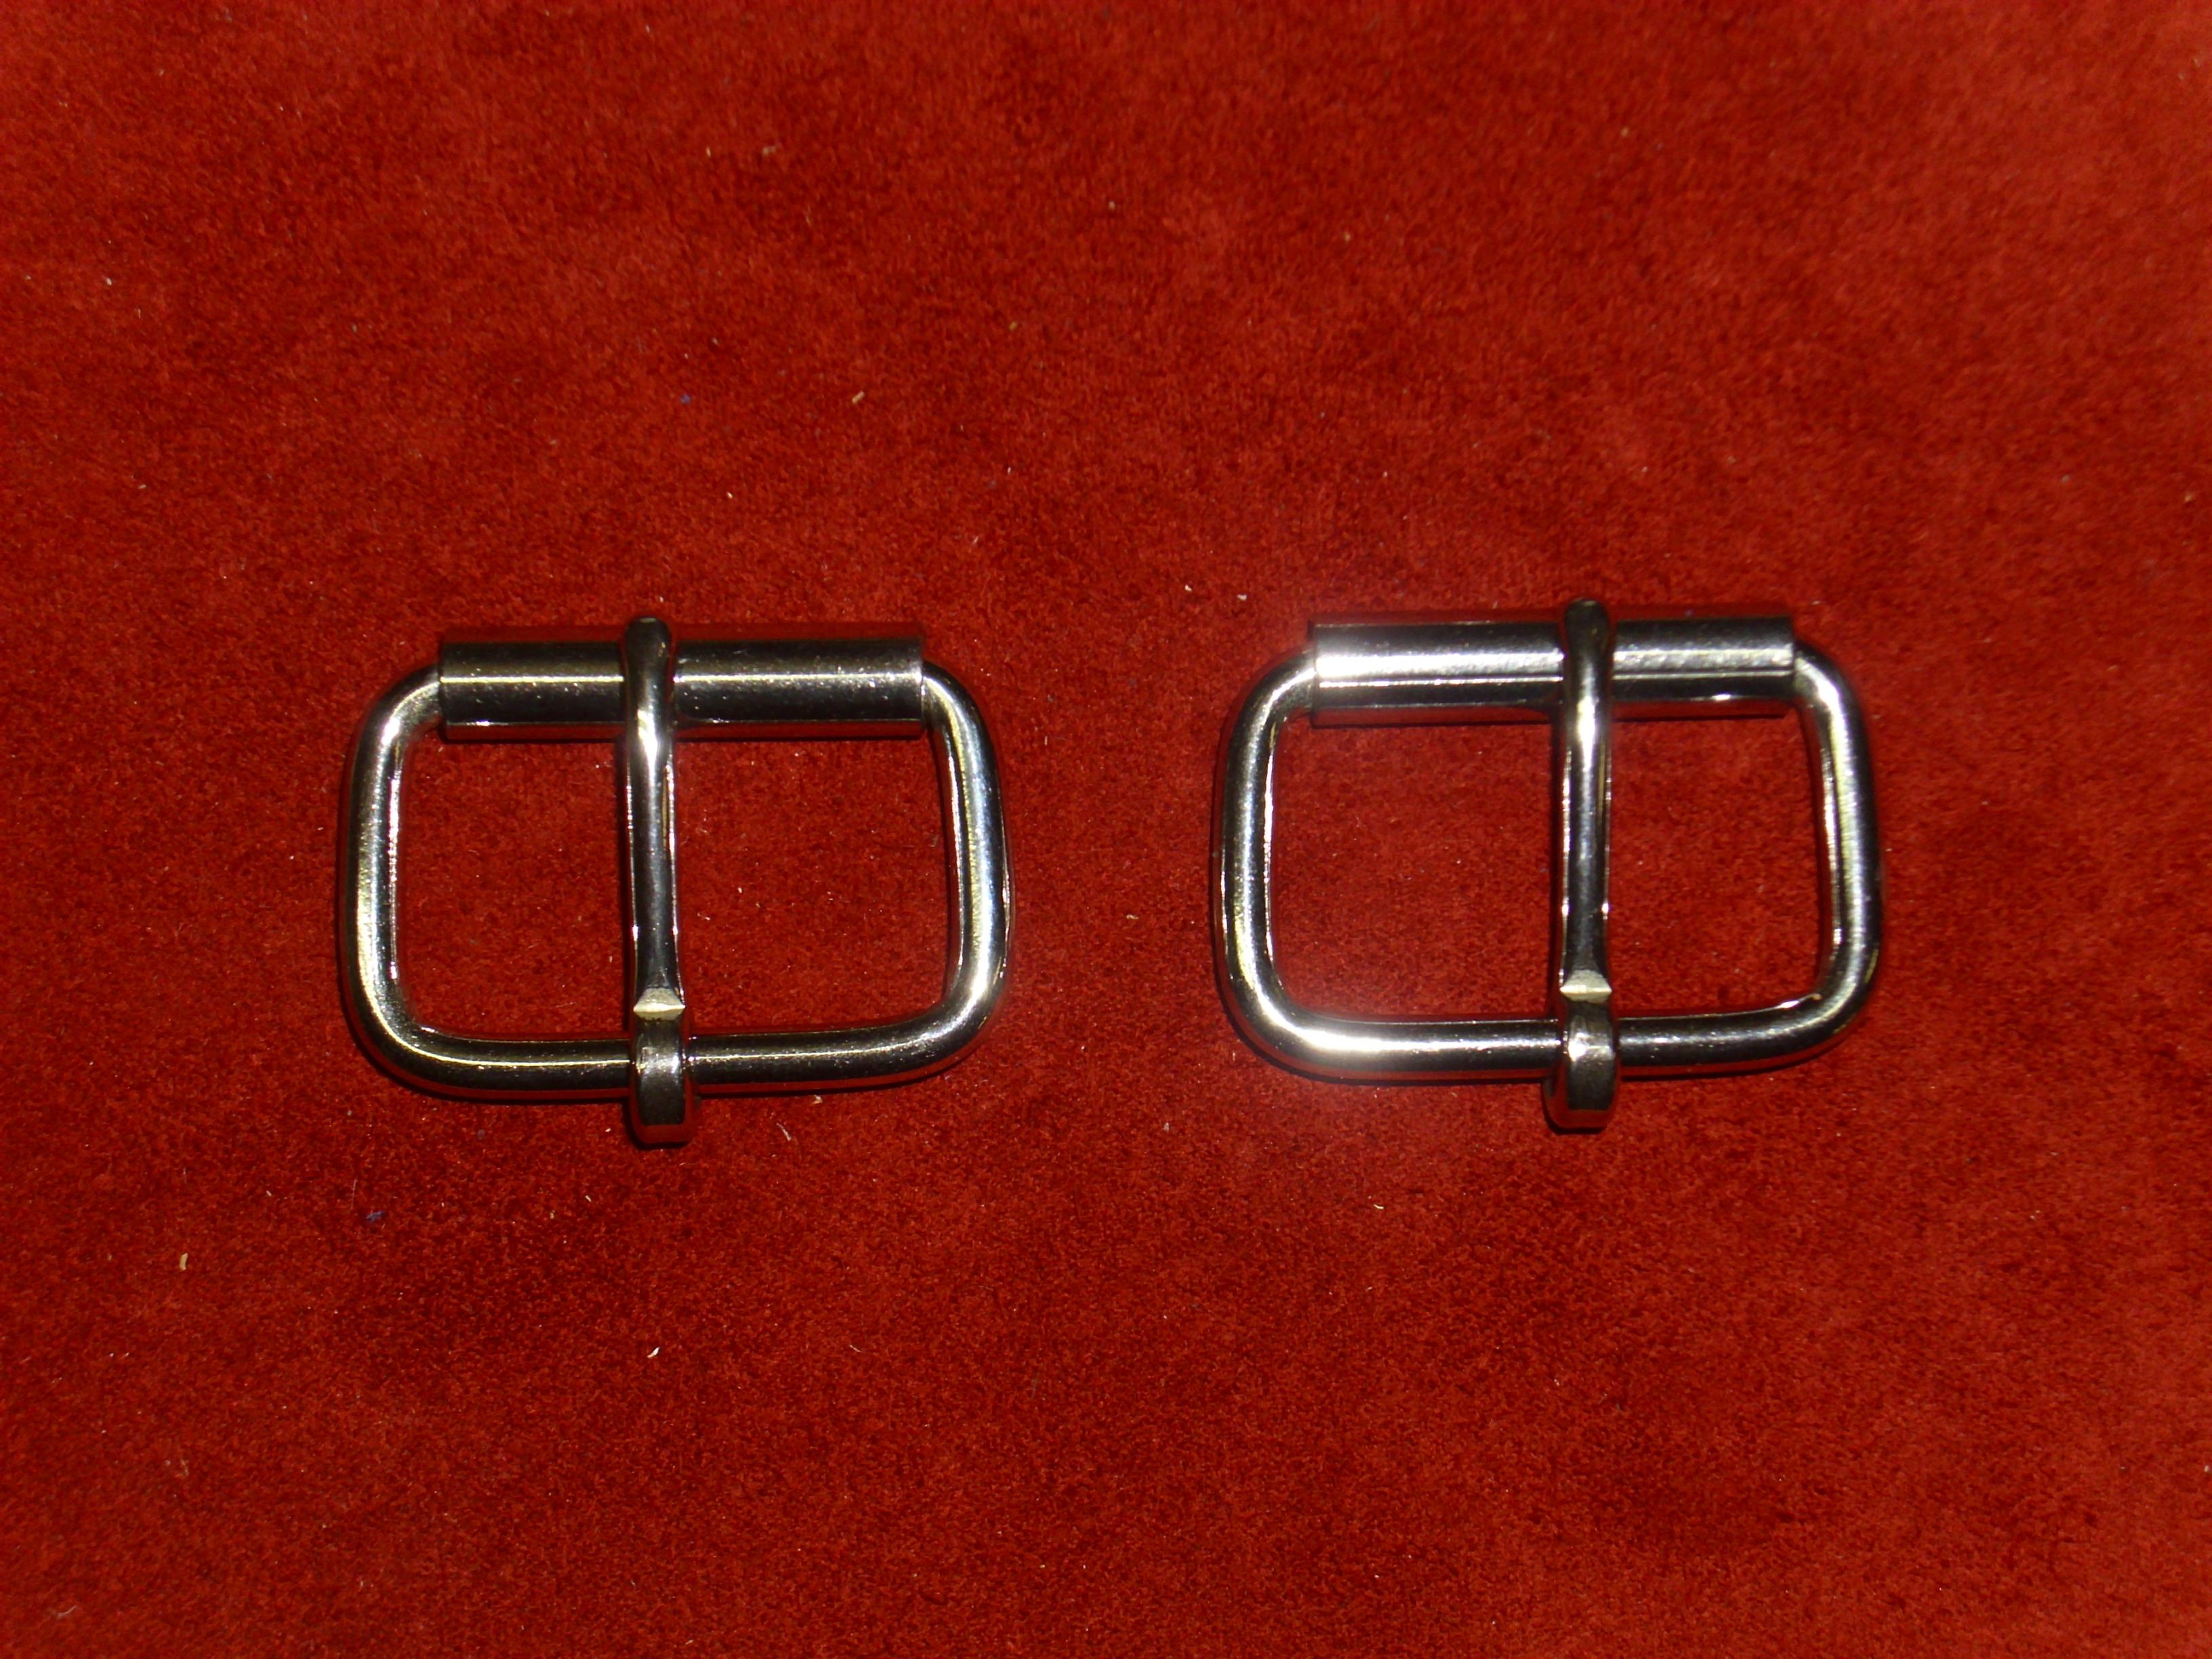 UK-Shop angemessener Preis hübsch und bunt Gürtelschnalle, 50 mm, massiv Edelstahl, Rollschnalle, Gürtelschließe